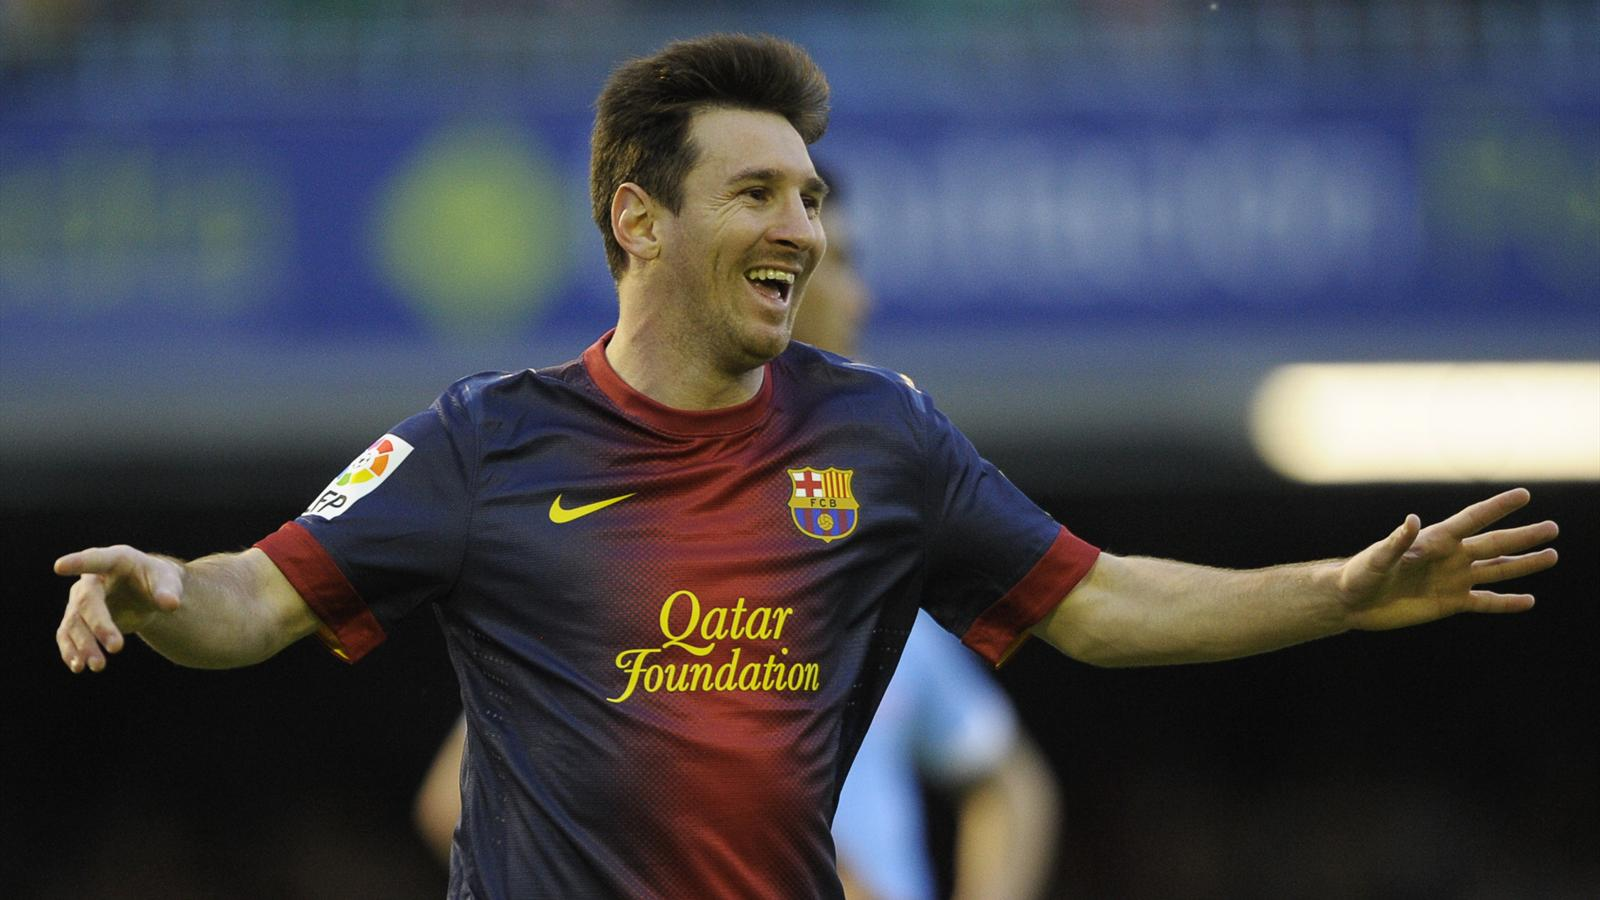 2012-13, Liga, Barcelona, Leo Messi